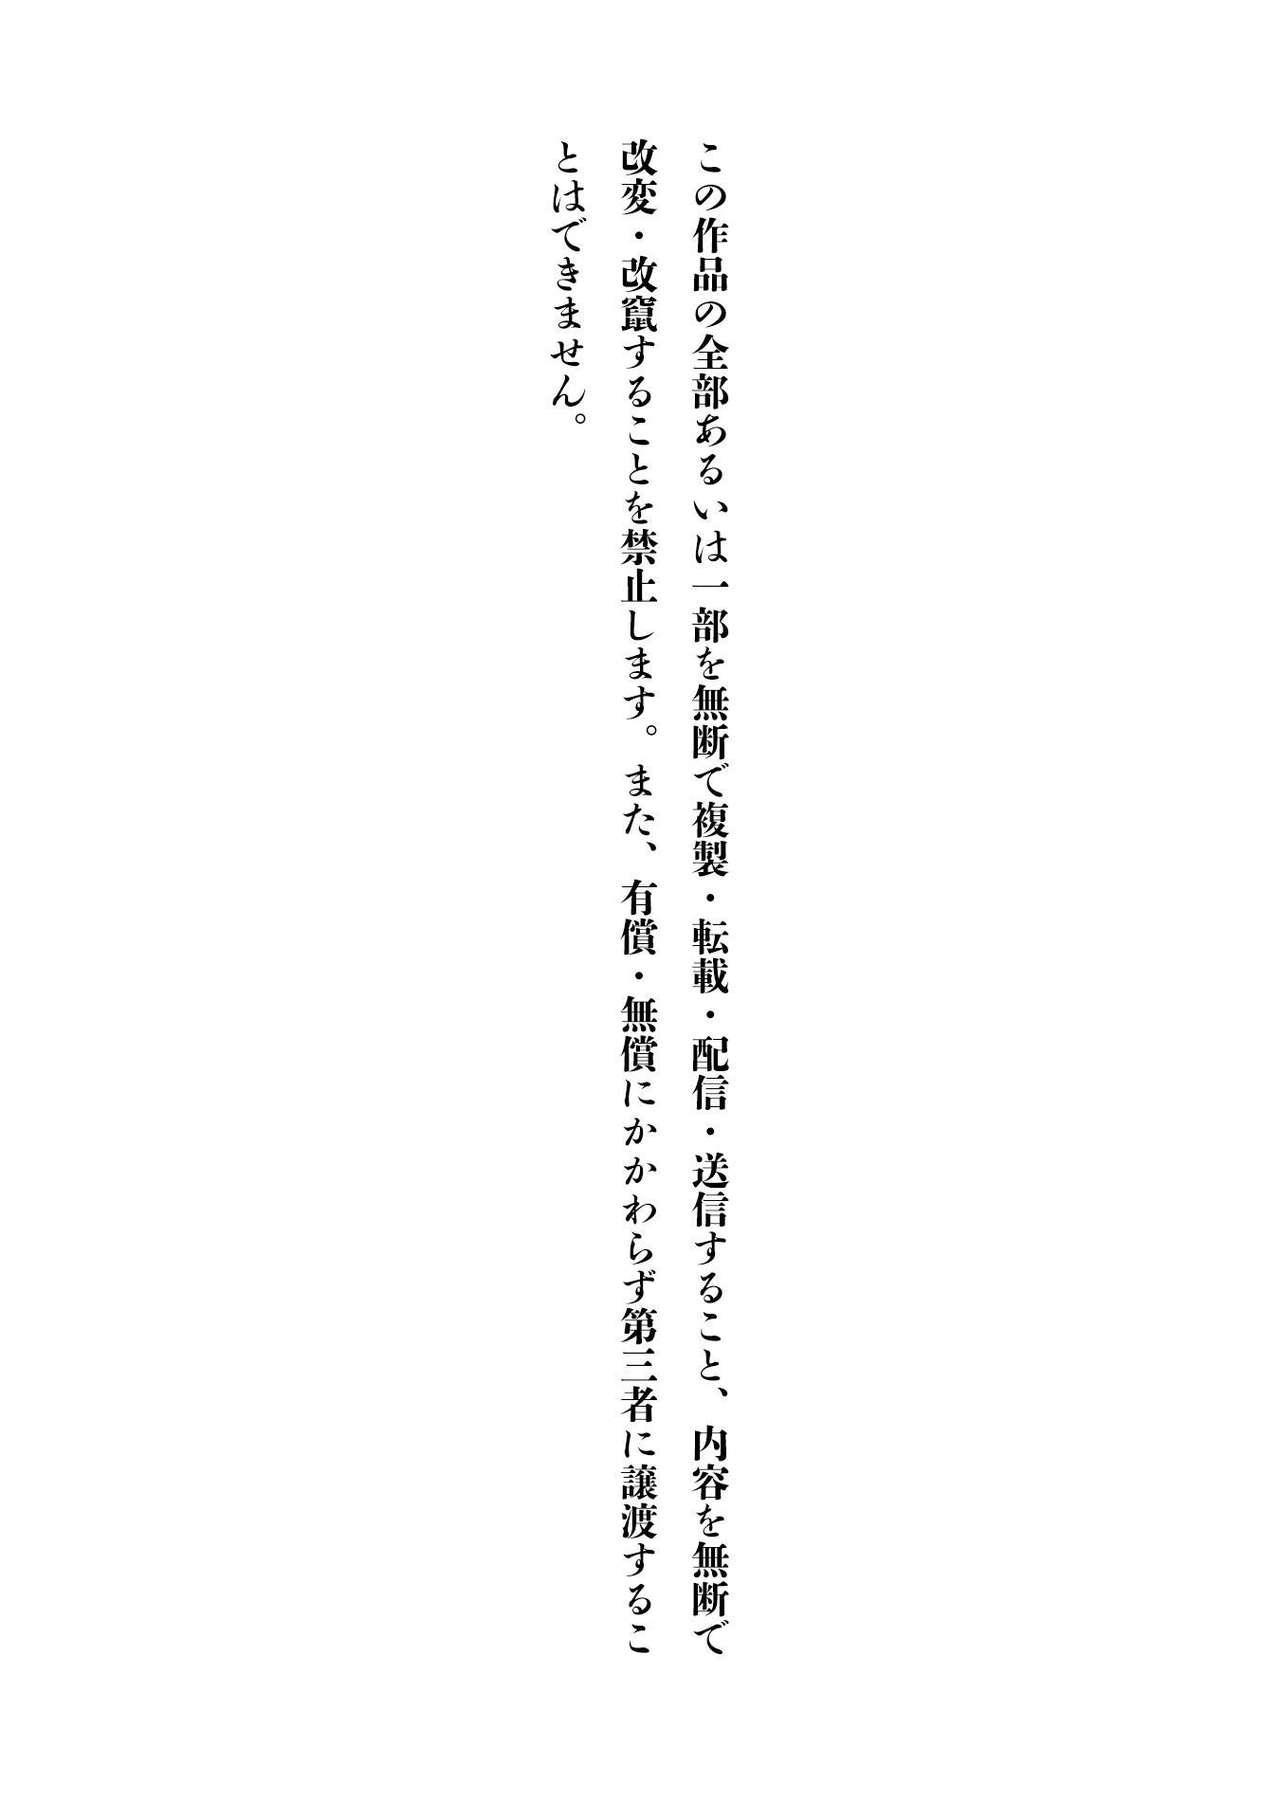 JK Haru wa Isekai de Shoufu ni Natta 1-14 350